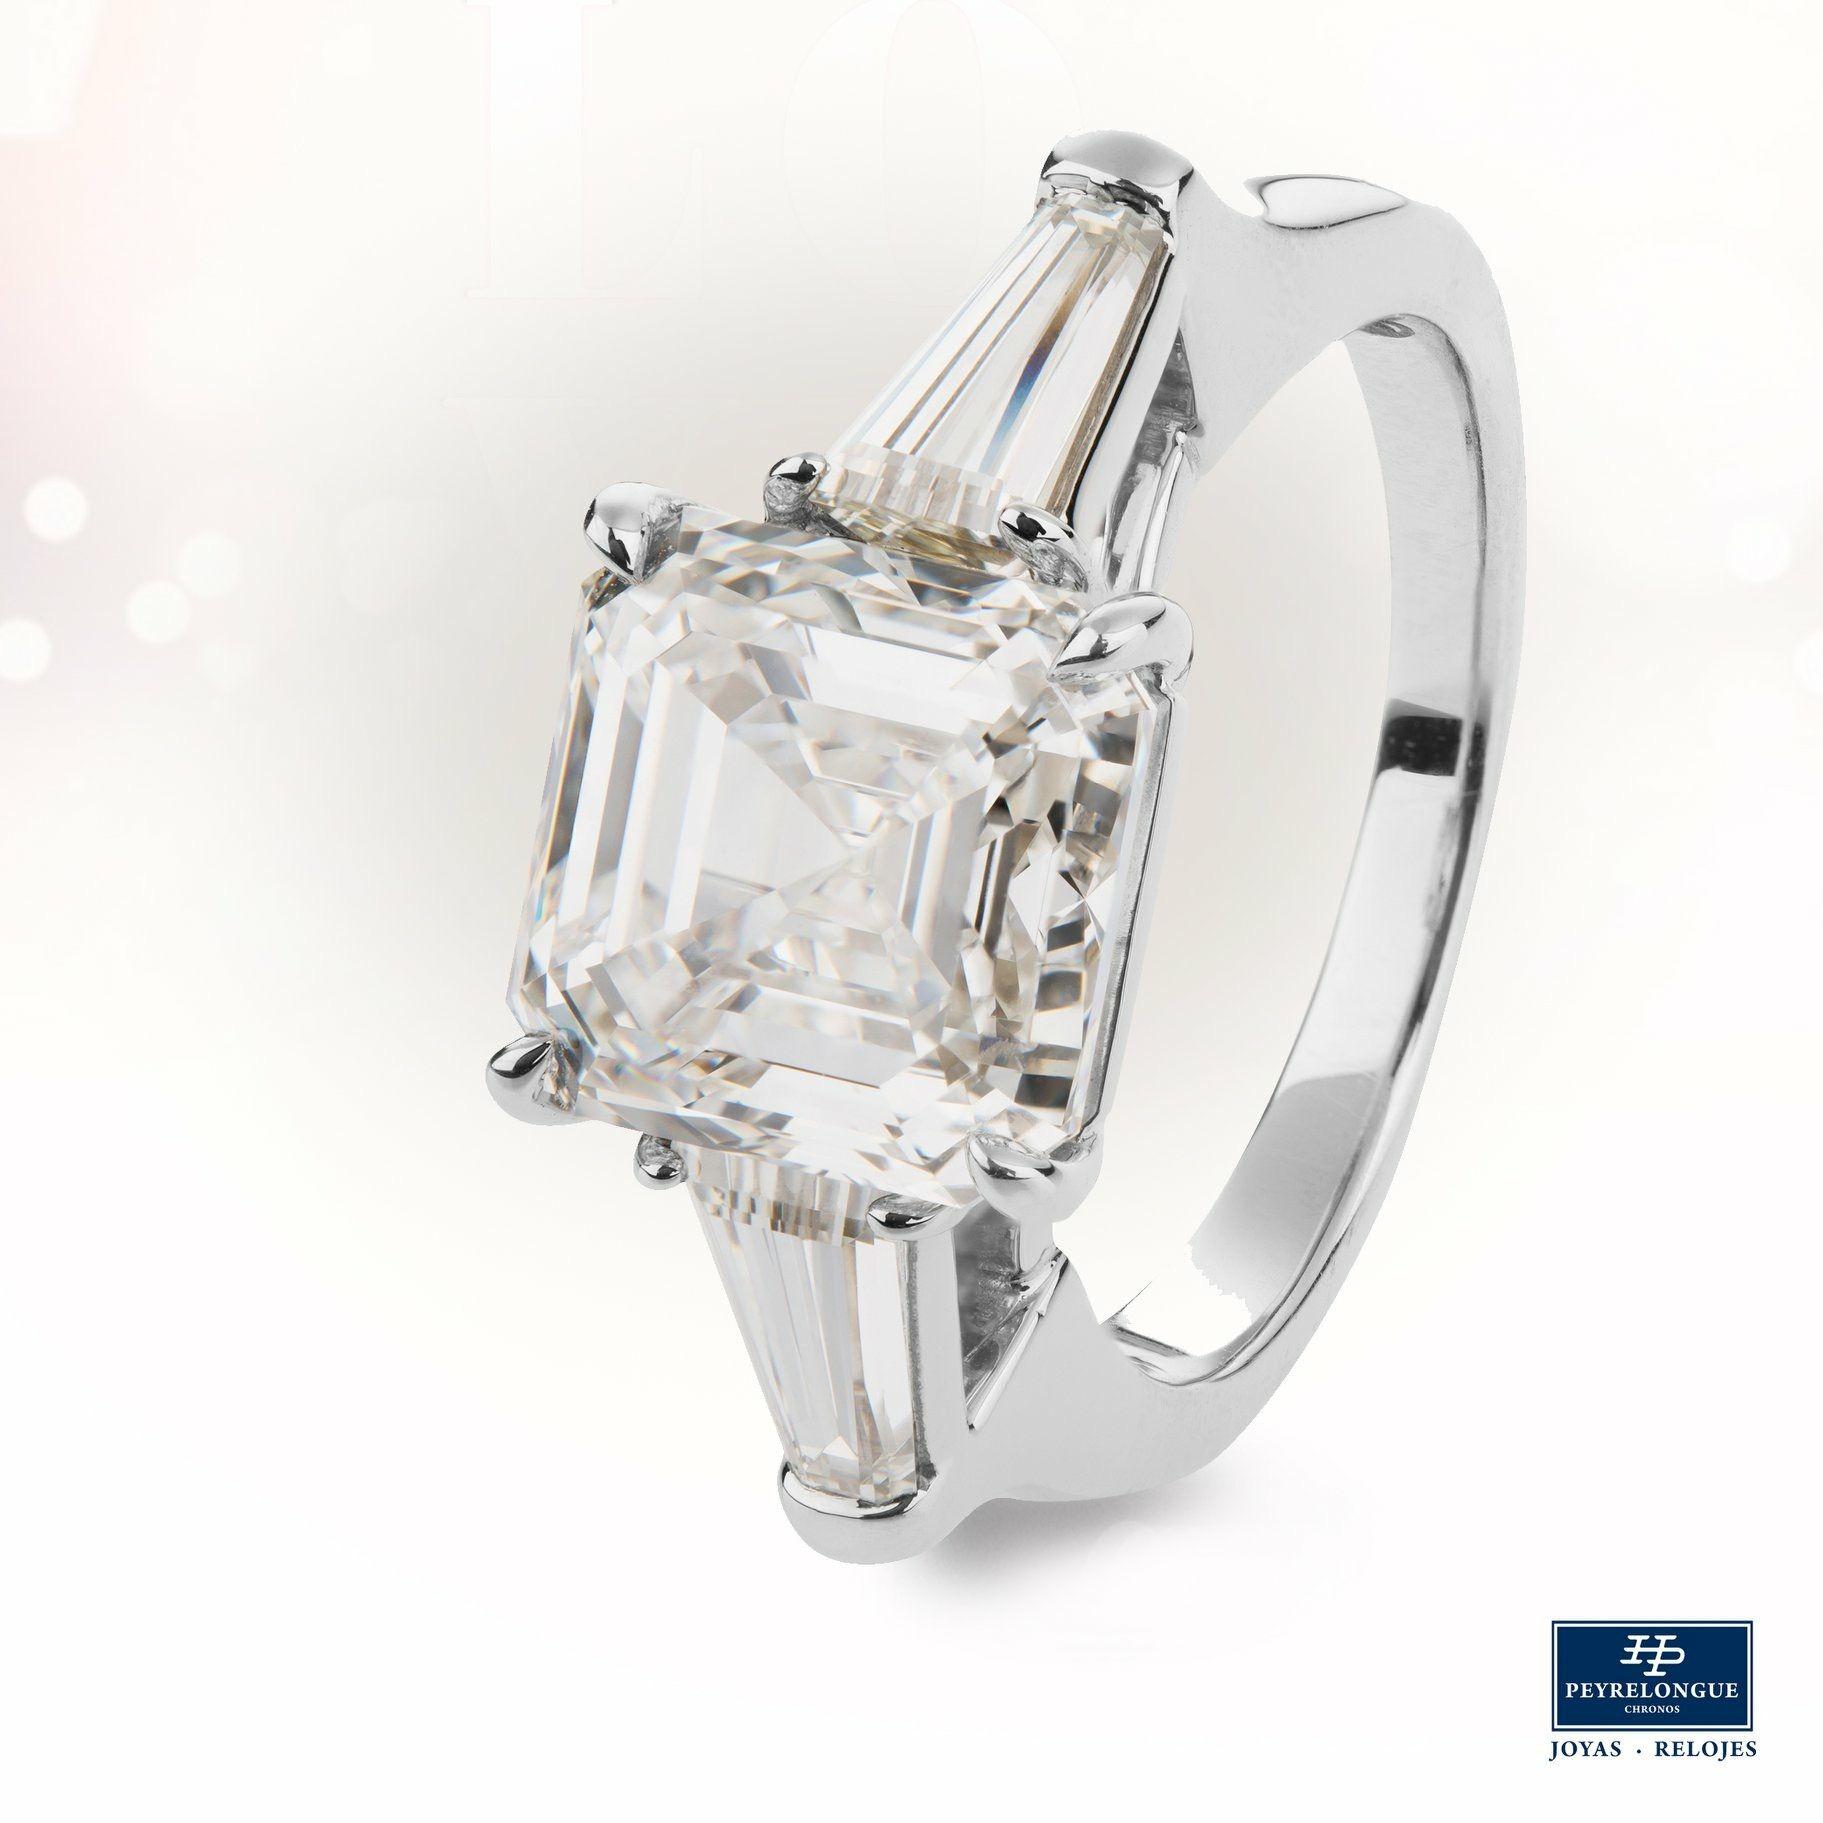 f149b12383c2  JoyasPeyrelongue  ValentinesDay Anillo con diamante cuadrado y diamantes  corte trapecio a los lados en oro blanco de 18 kt.